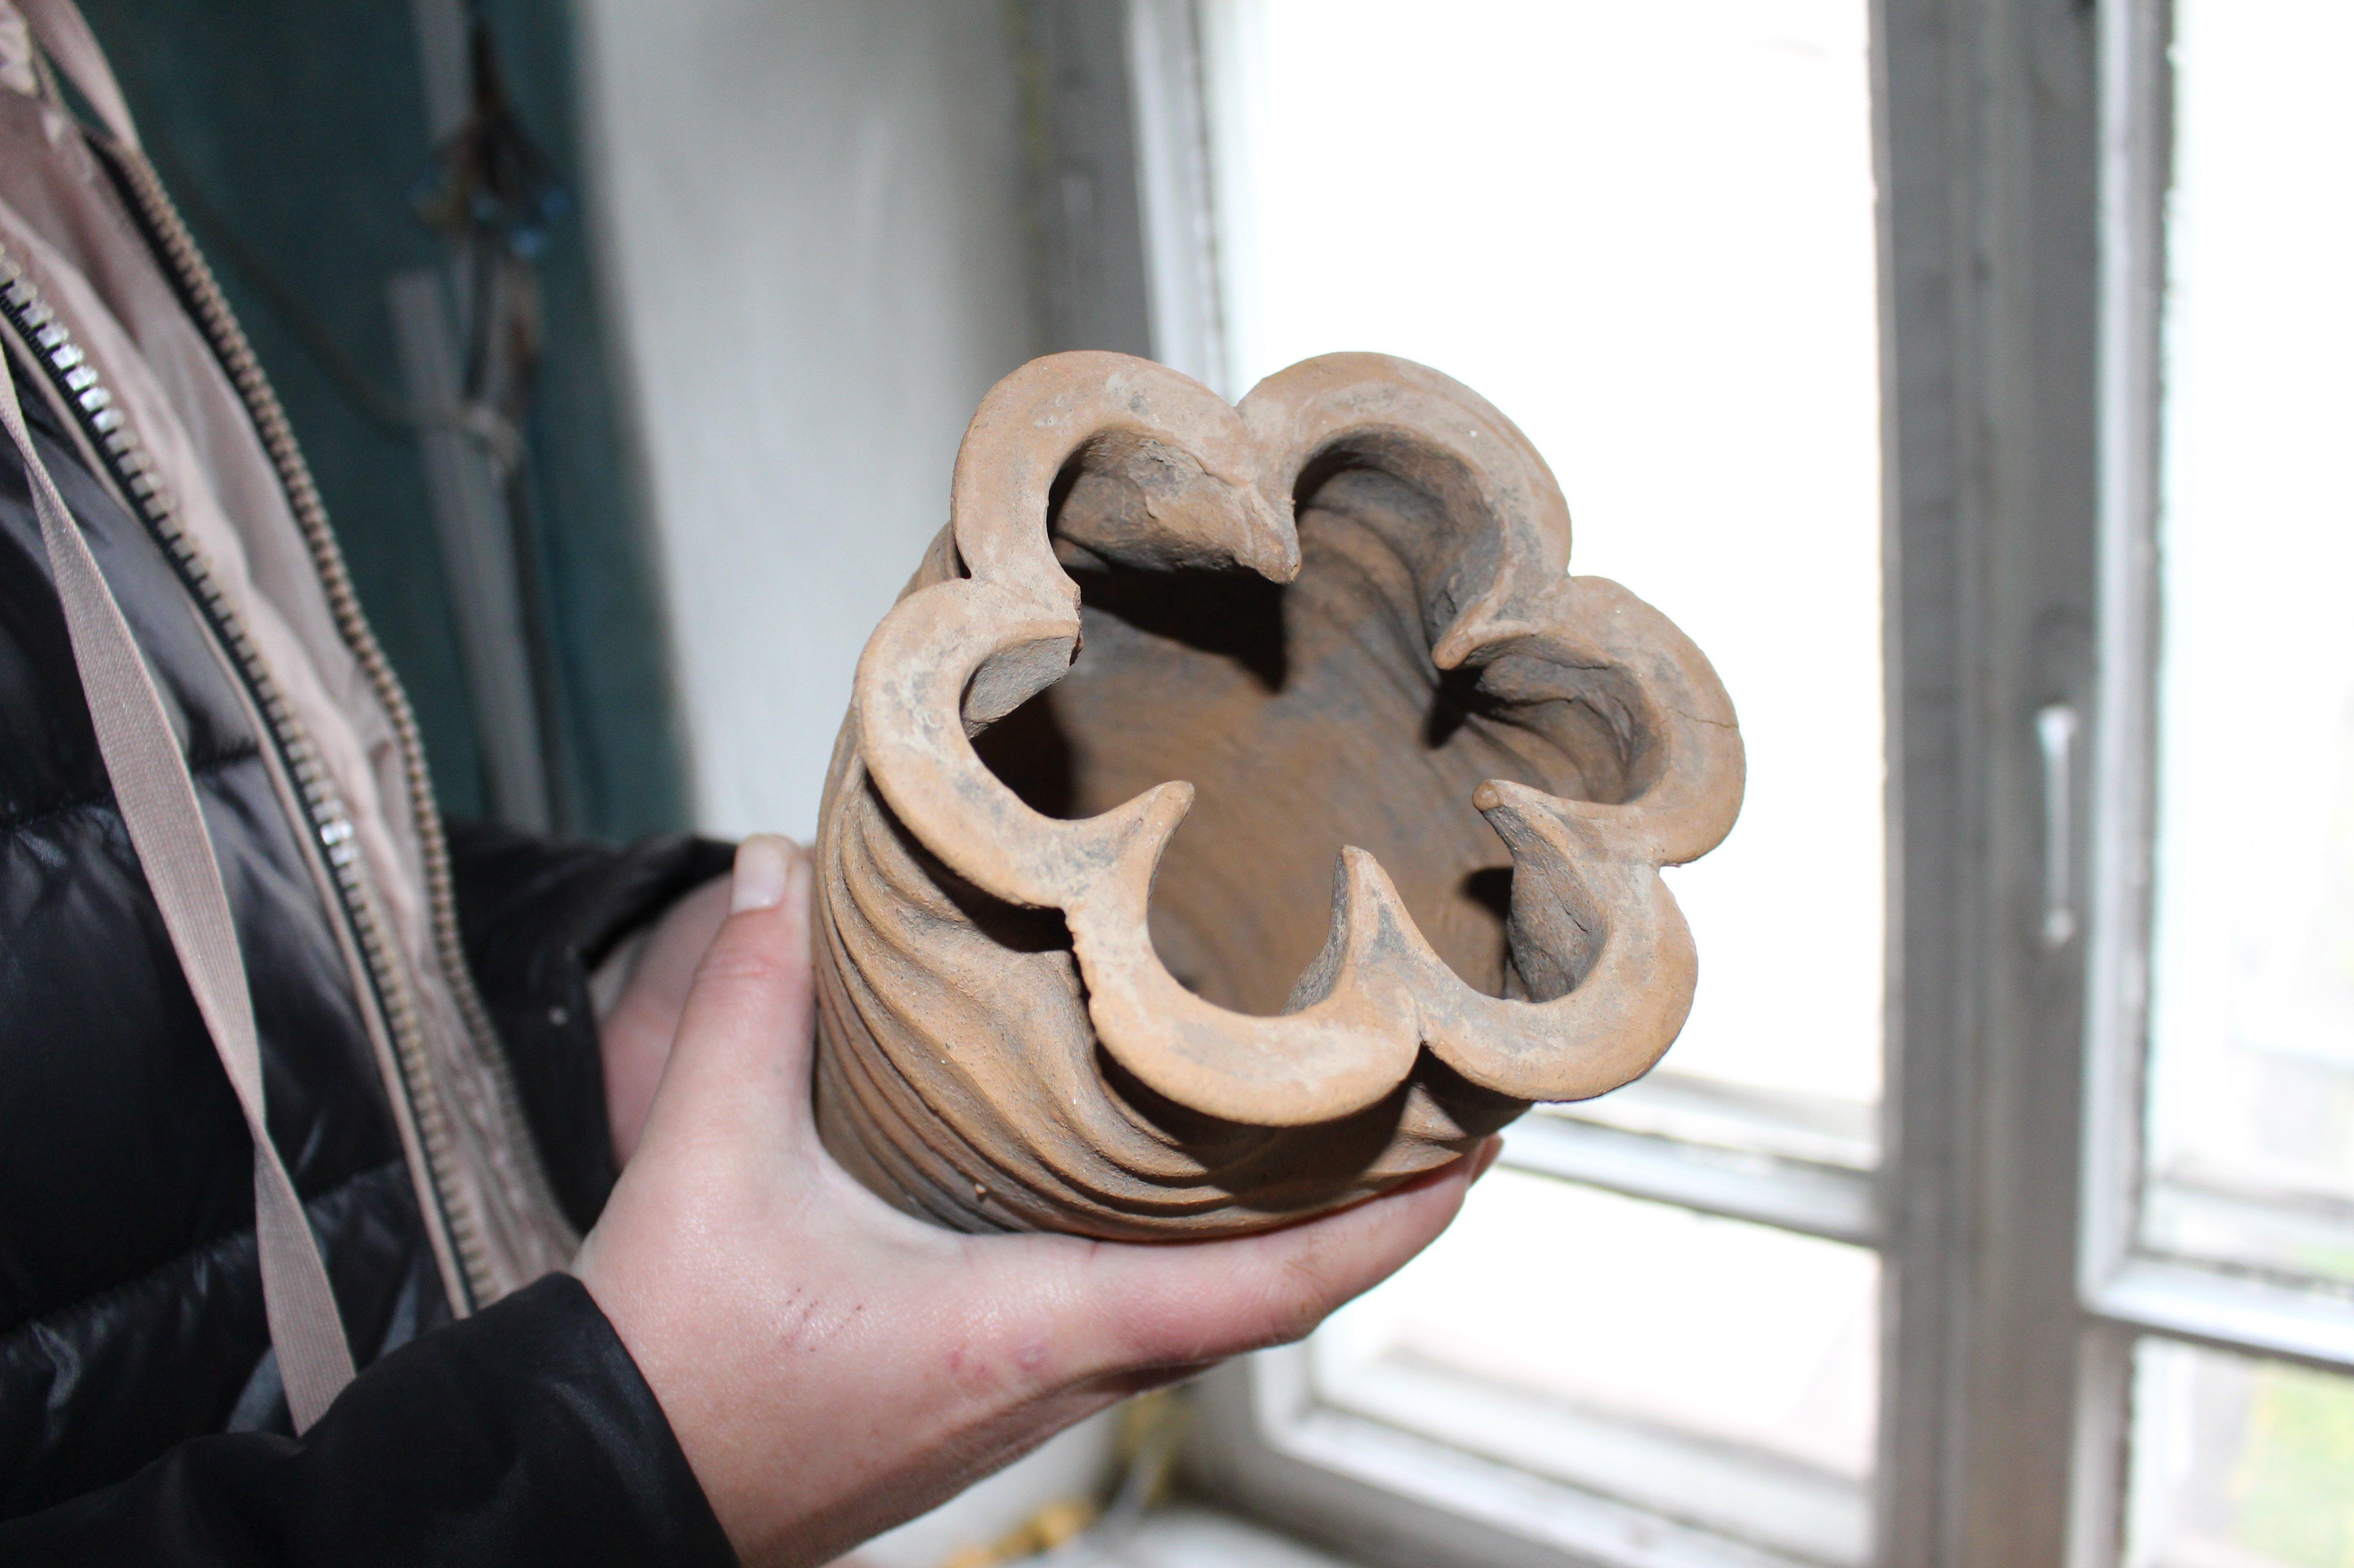 Кафля с горлышком в форме цветка с шестью лепестками – одна из самых редких находок